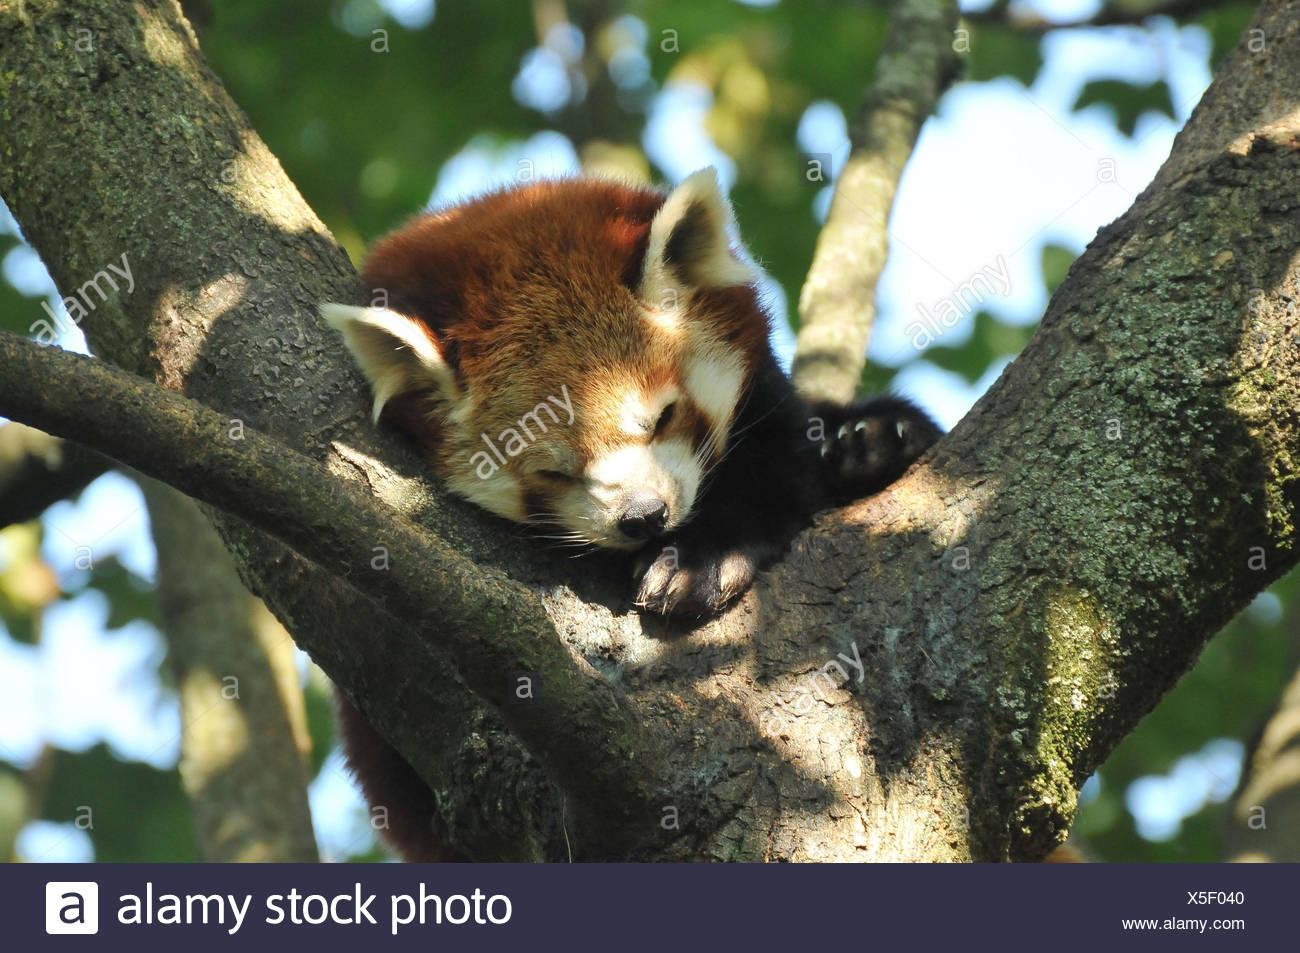 Small panda, tree, sleep, - Stock Image